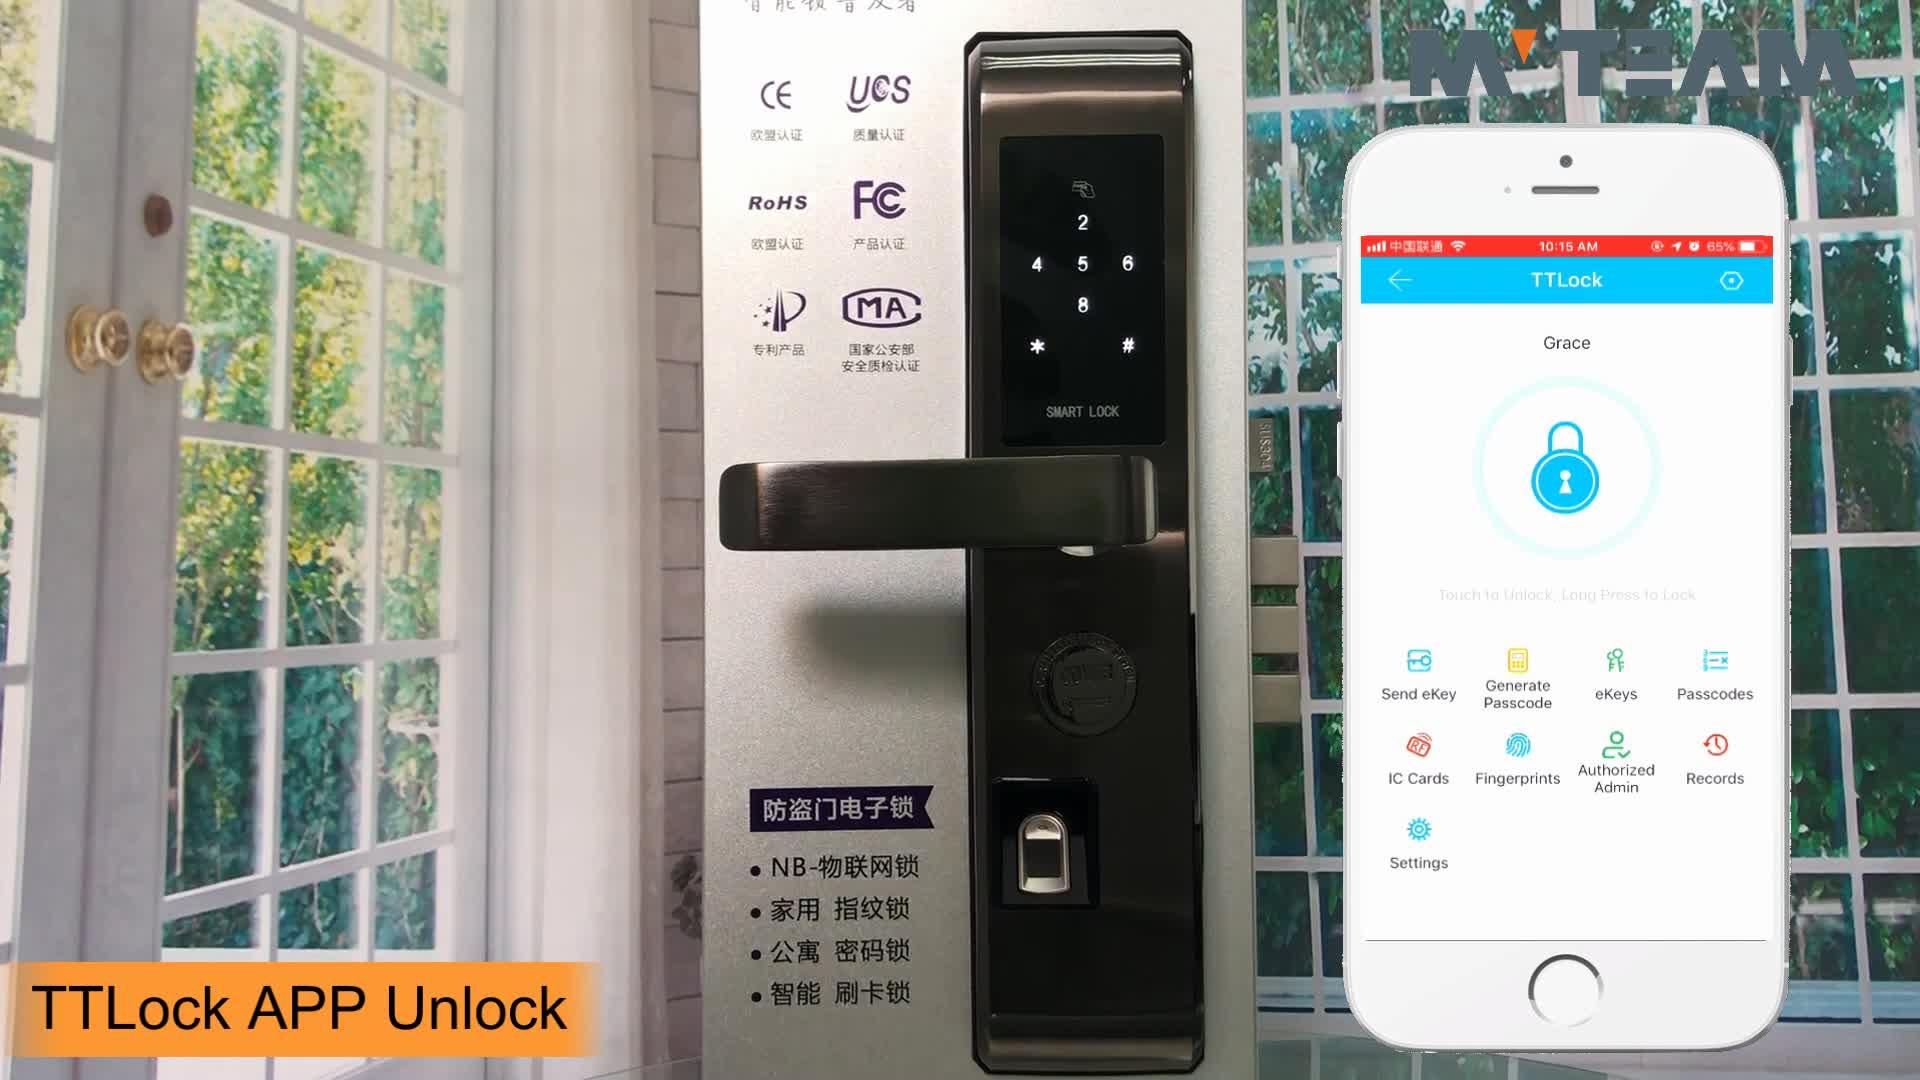 בית משרד אלקטרוני דלת יצרני מנעולי טביעת אצבע Bluetooth חכם מנעול עם אפליקציה TTlock עבור iPhone אנדרואיד Smartphone